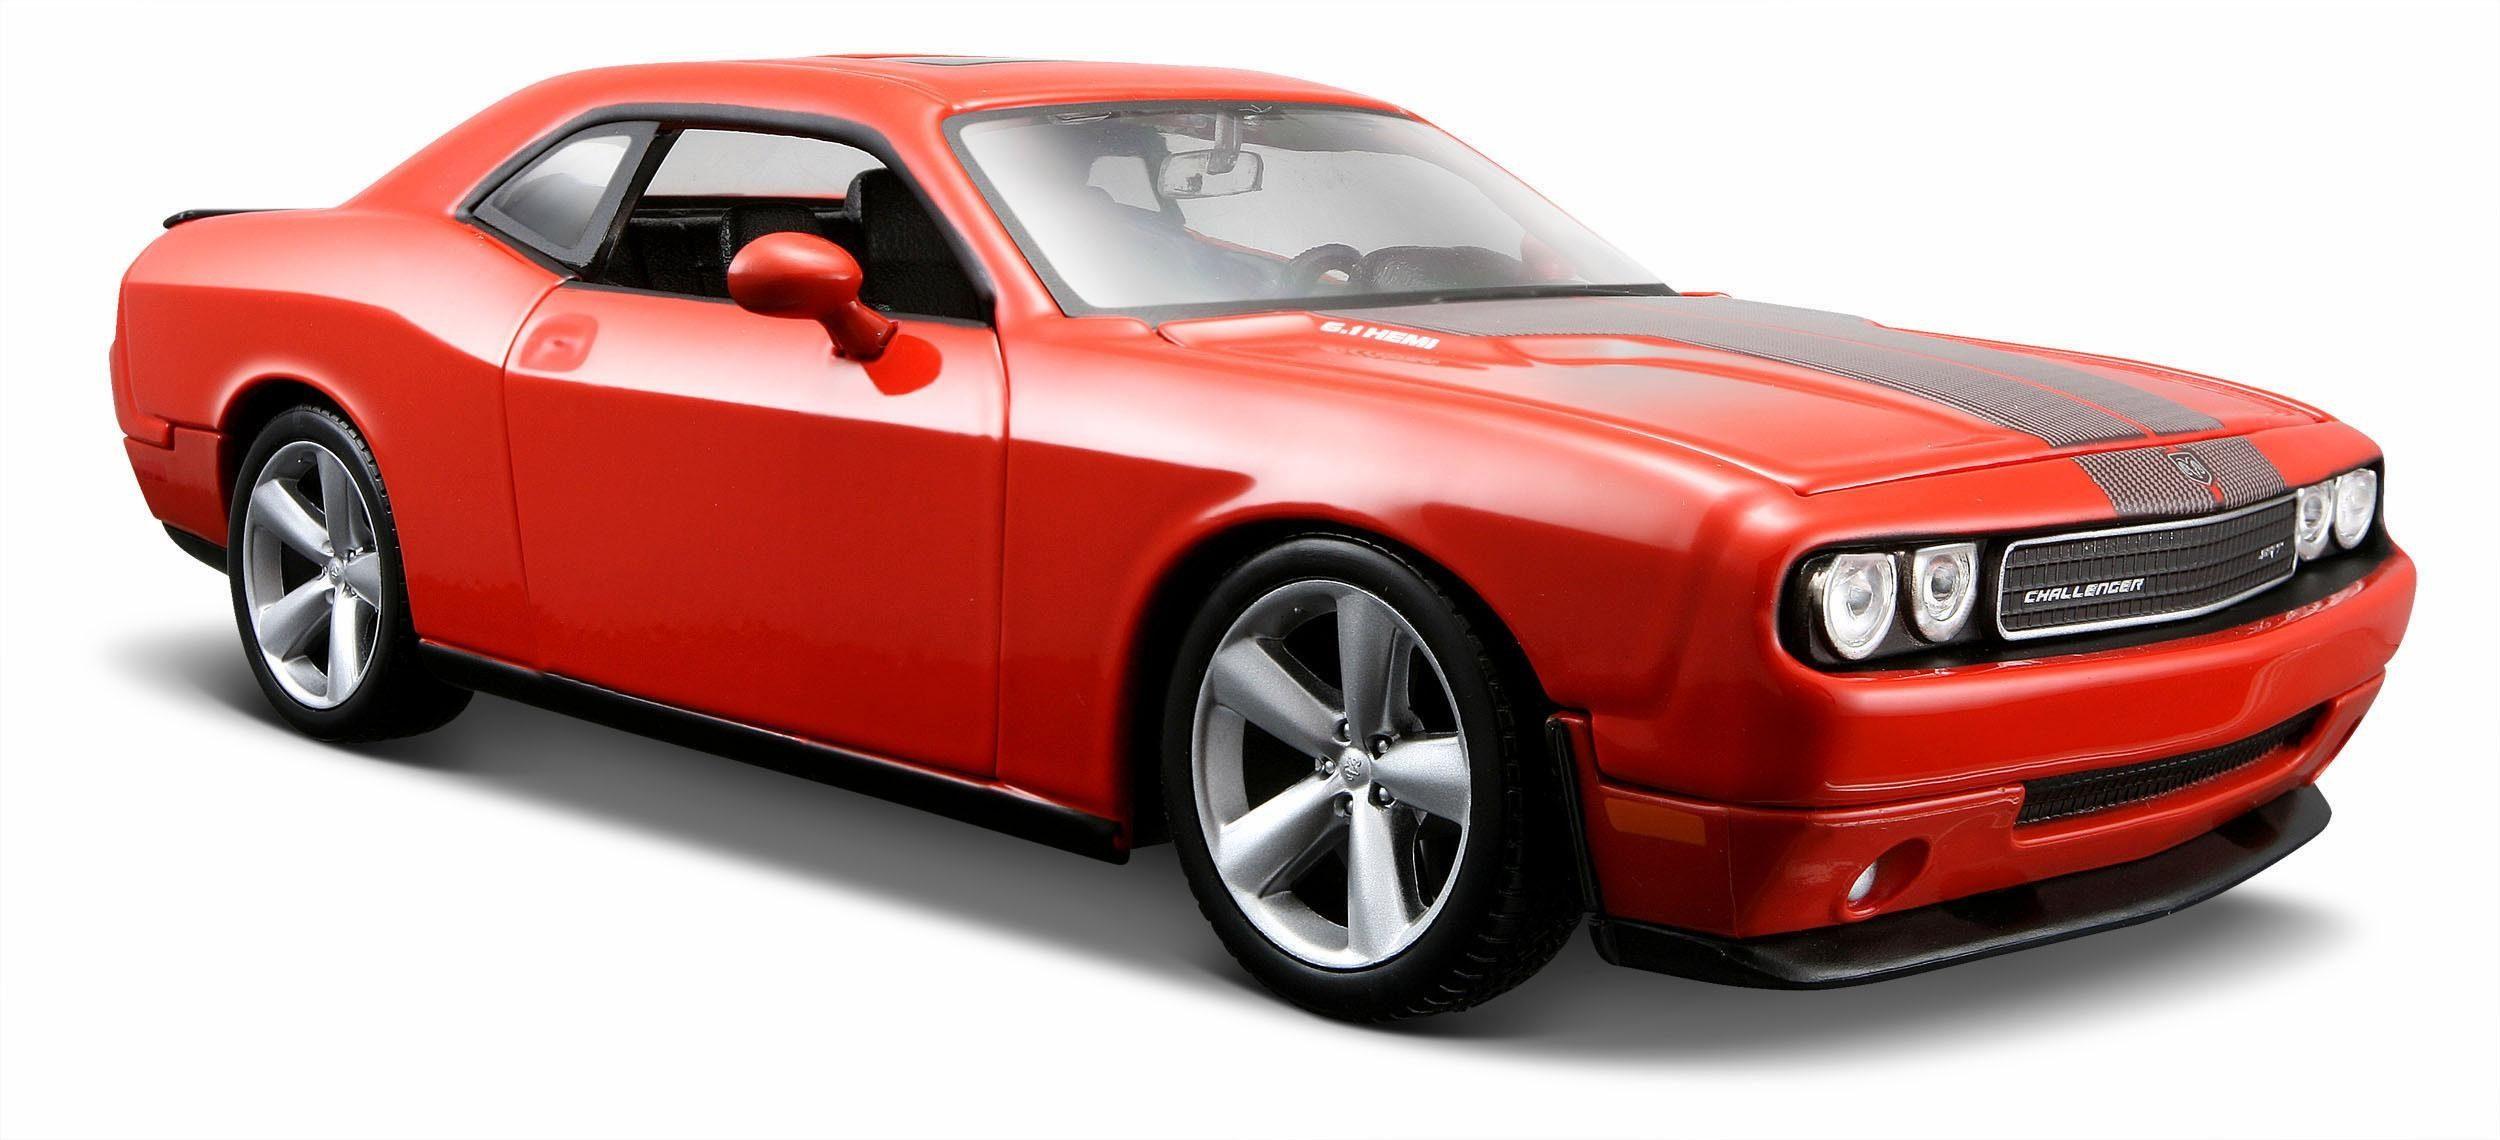 Maisto® Sammlerauto, »Dodge Challenger SRT8 08, 1:24, orange«